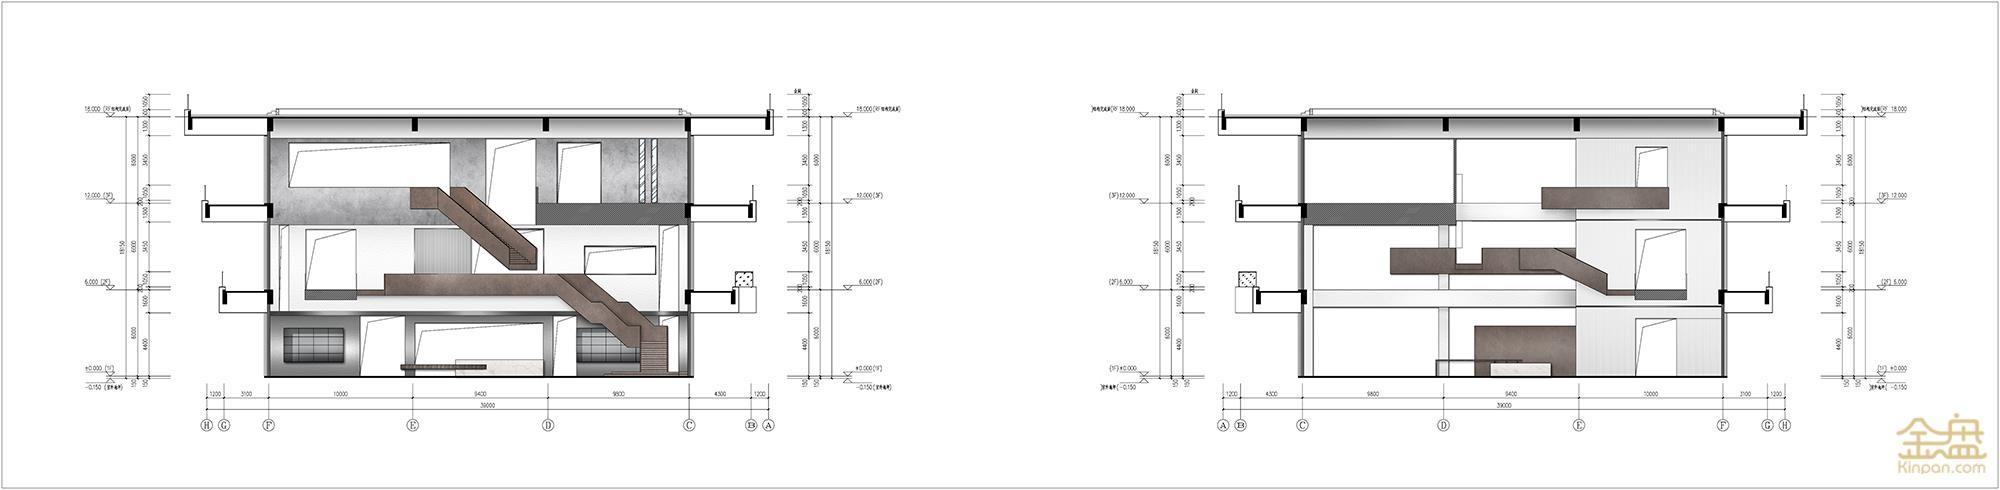 设计立面图MINI.jpg